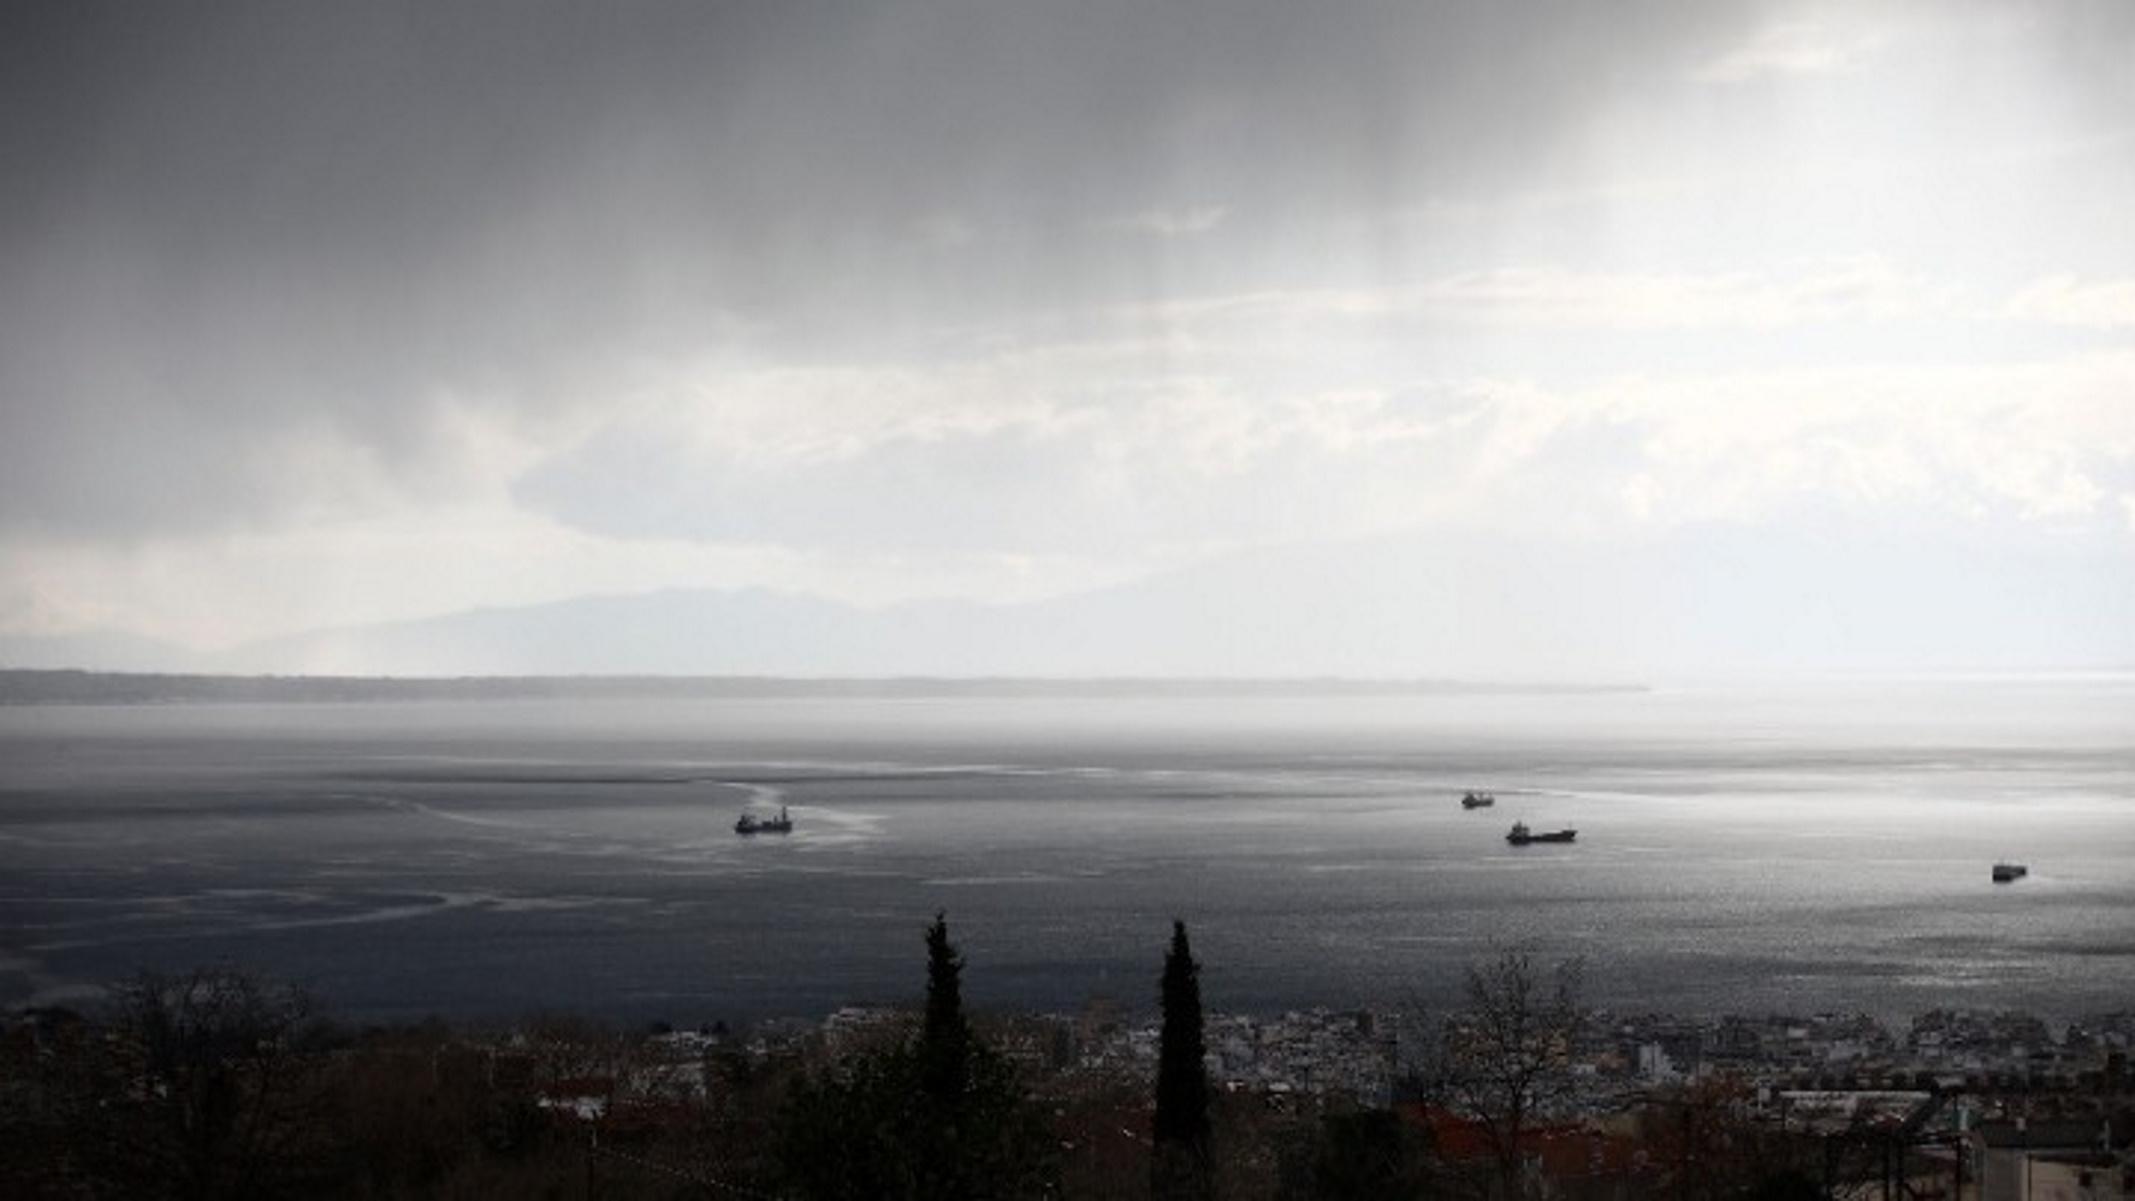 Καιρός αύριο: Άστατος σε αρκετές περιοχές – Πού θα πέσουν βροχές